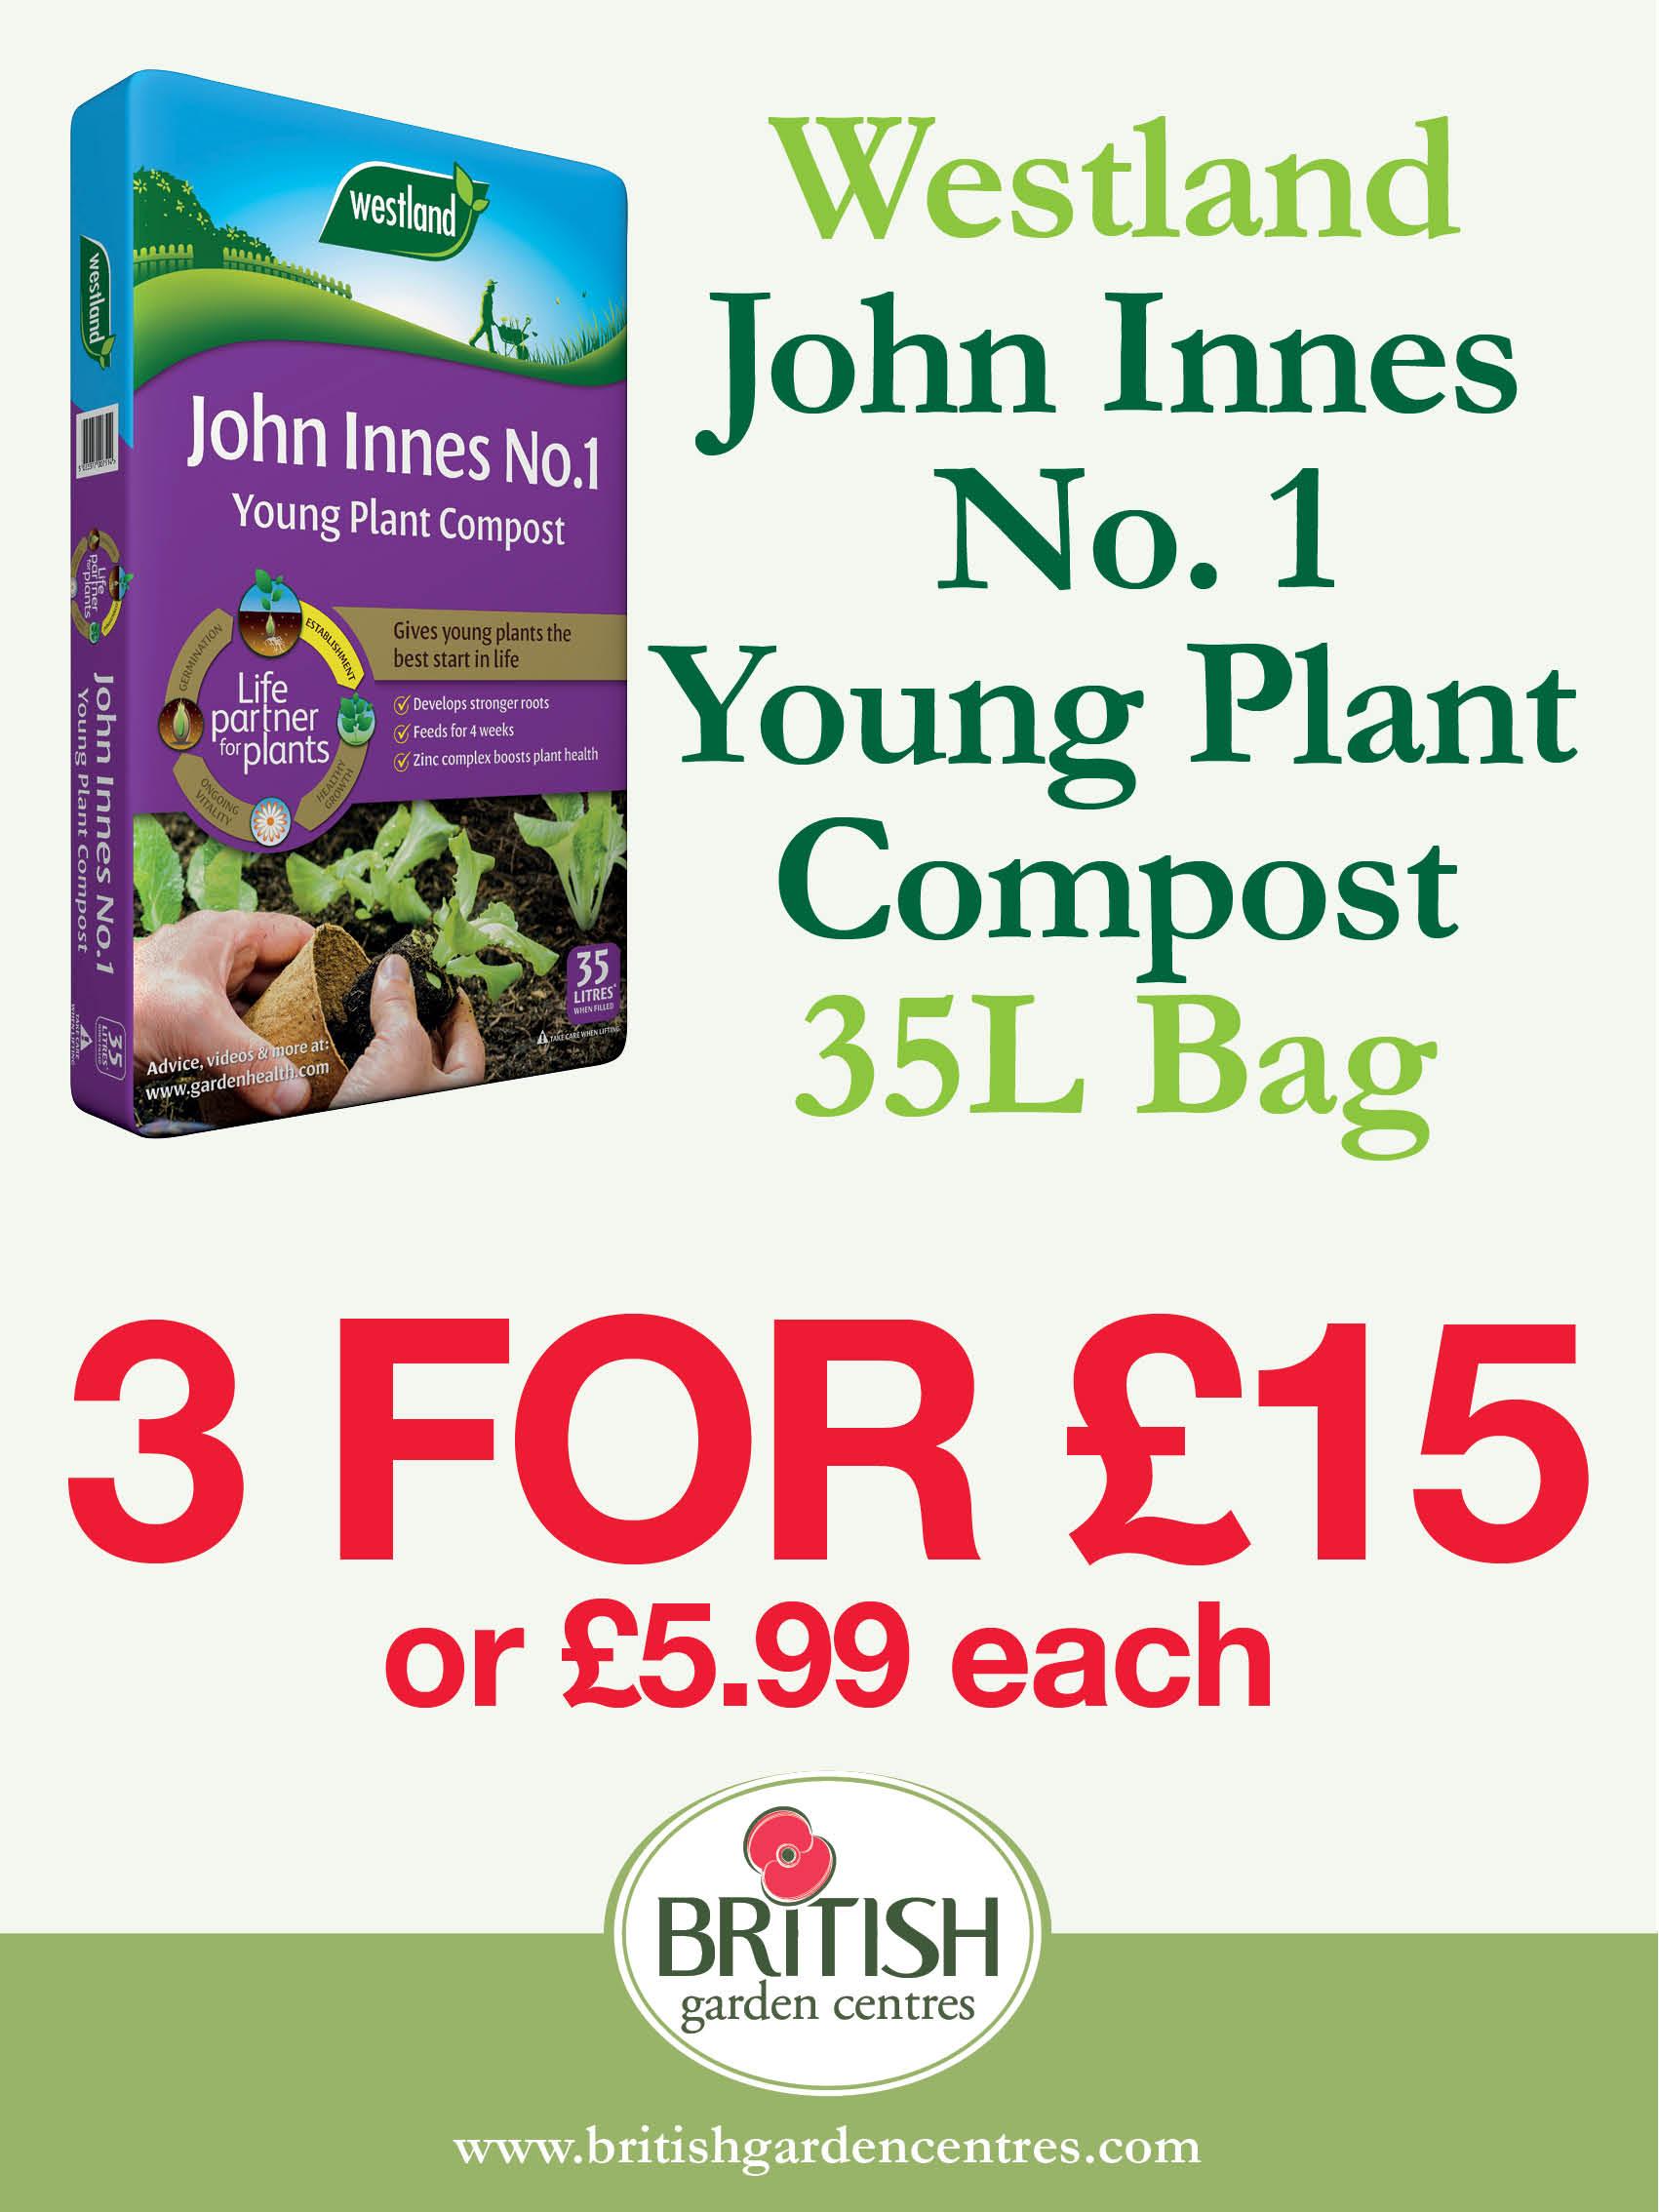 John Innes No. 1 Young Plant Compost 35L